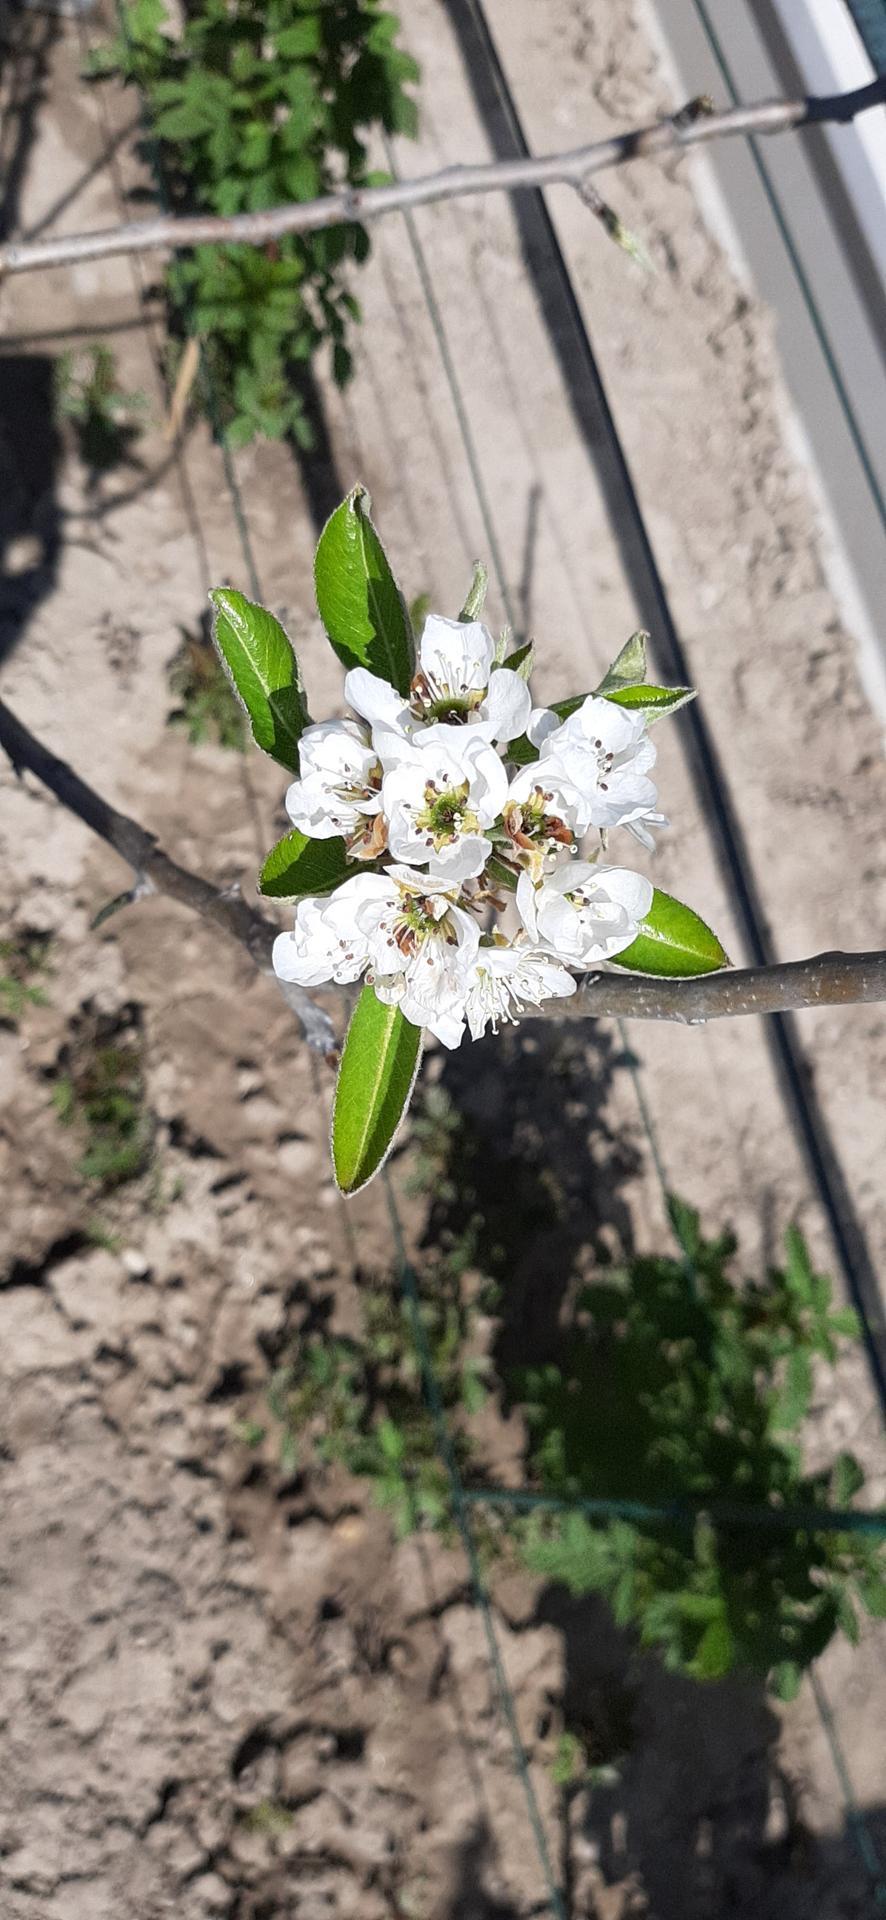 🏠🌞🌺❤🌷 Zahrada a jej dalsi rok...2020 🌱🐞🐛🦋🍓🥕🍅🌺❤ - Hruska ma svoje prve prve kvety,smrdia ako....ble